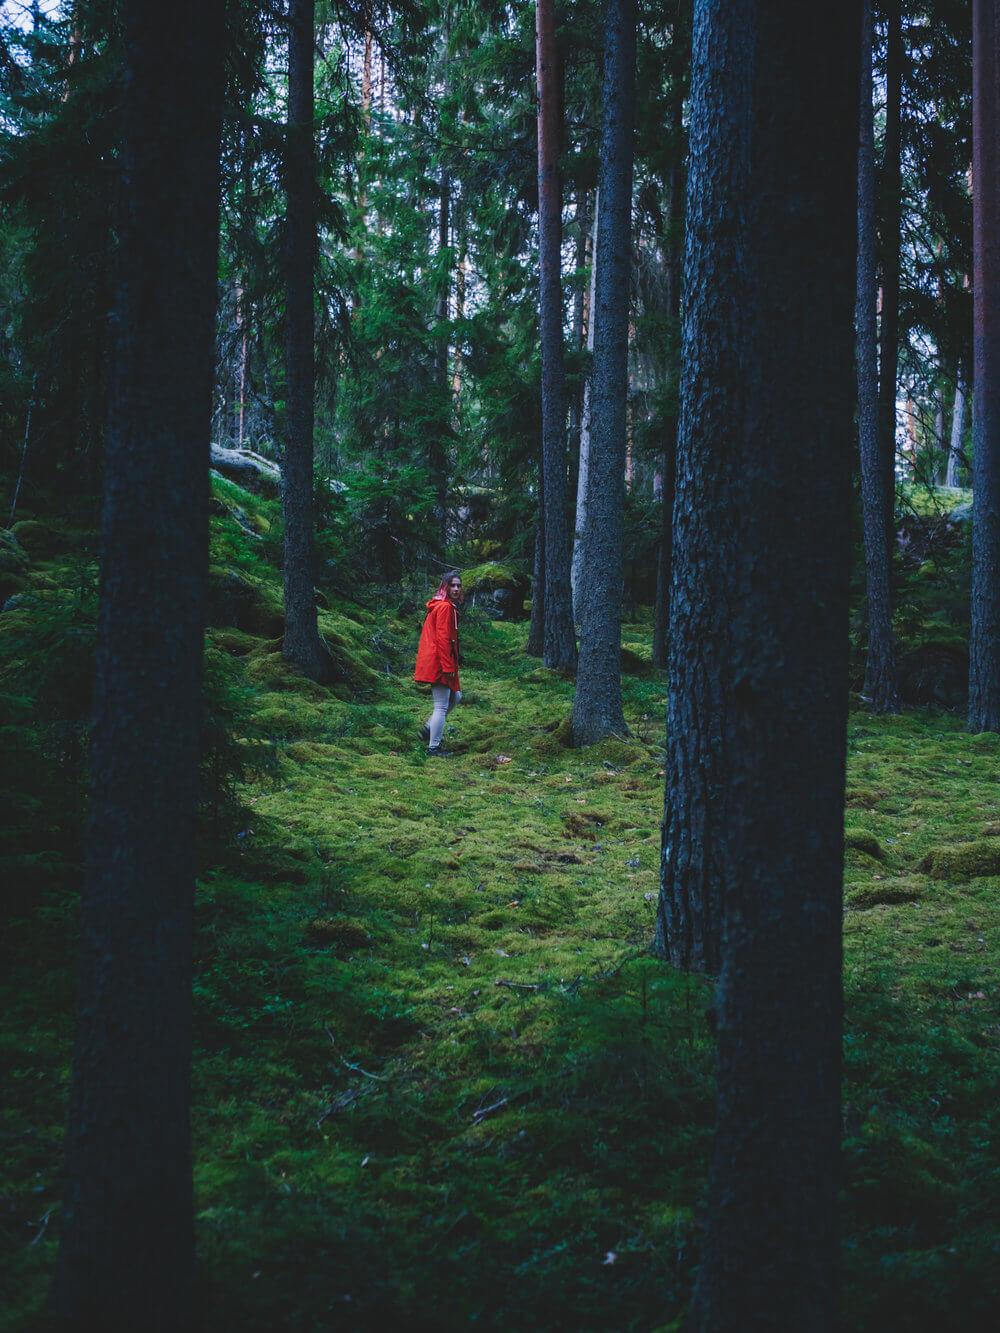 Explorando el inmenso bosque finlandés | Foto: Álvaro Sanz